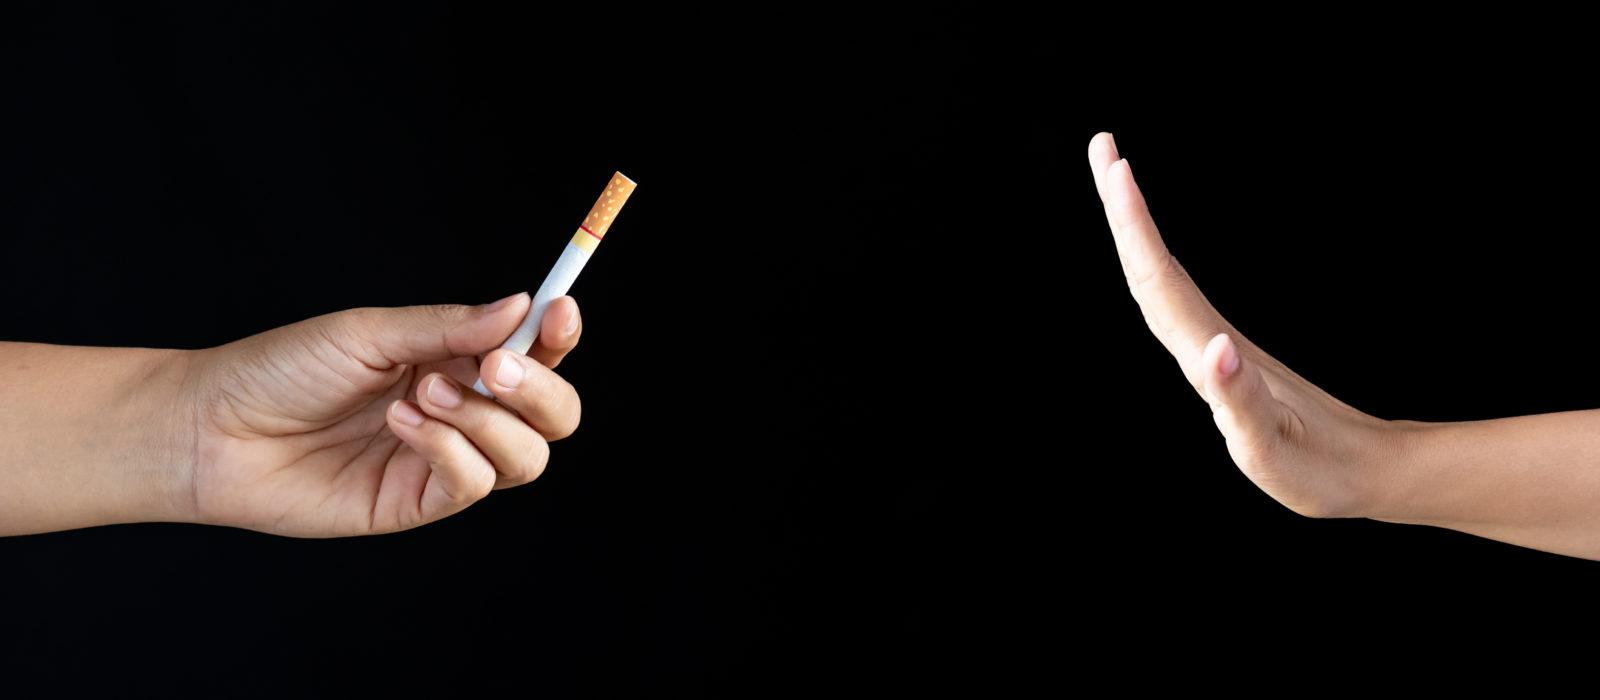 Cómo prevenir el consumo de alcohol y drogas en los jóvenes